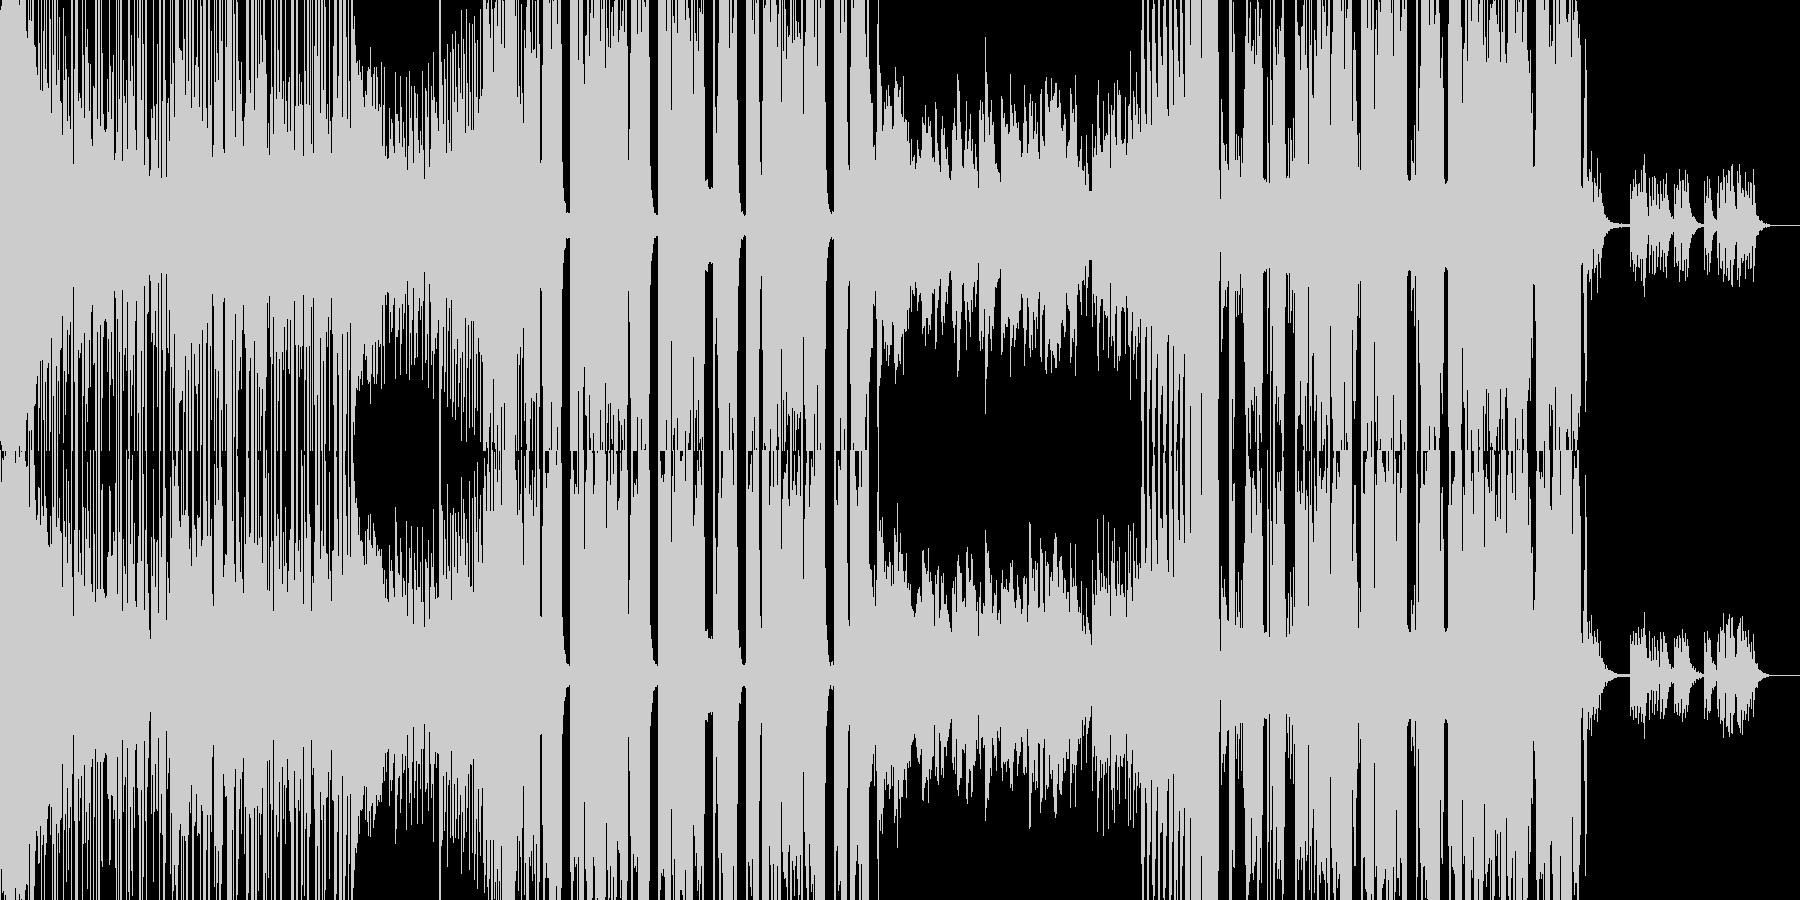 切ない雰囲気のクラブミュージックの未再生の波形